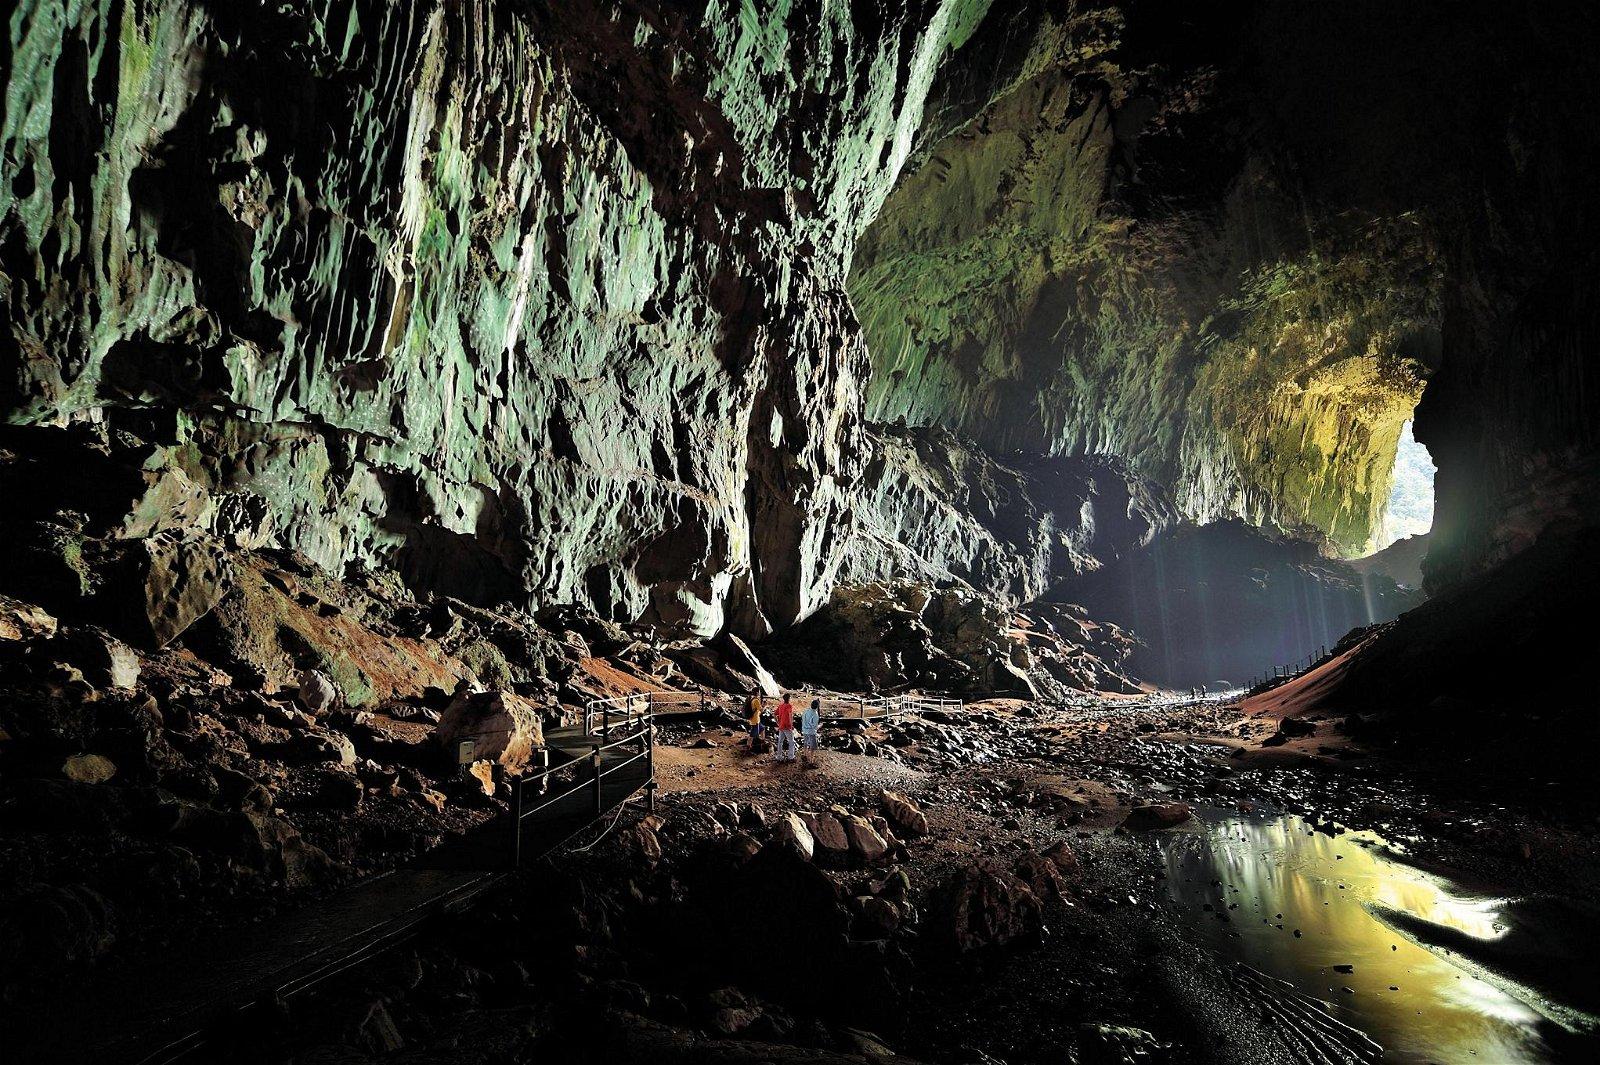 砂拉越姆鲁国家公园的鹿洞是世界最长的洞穴。